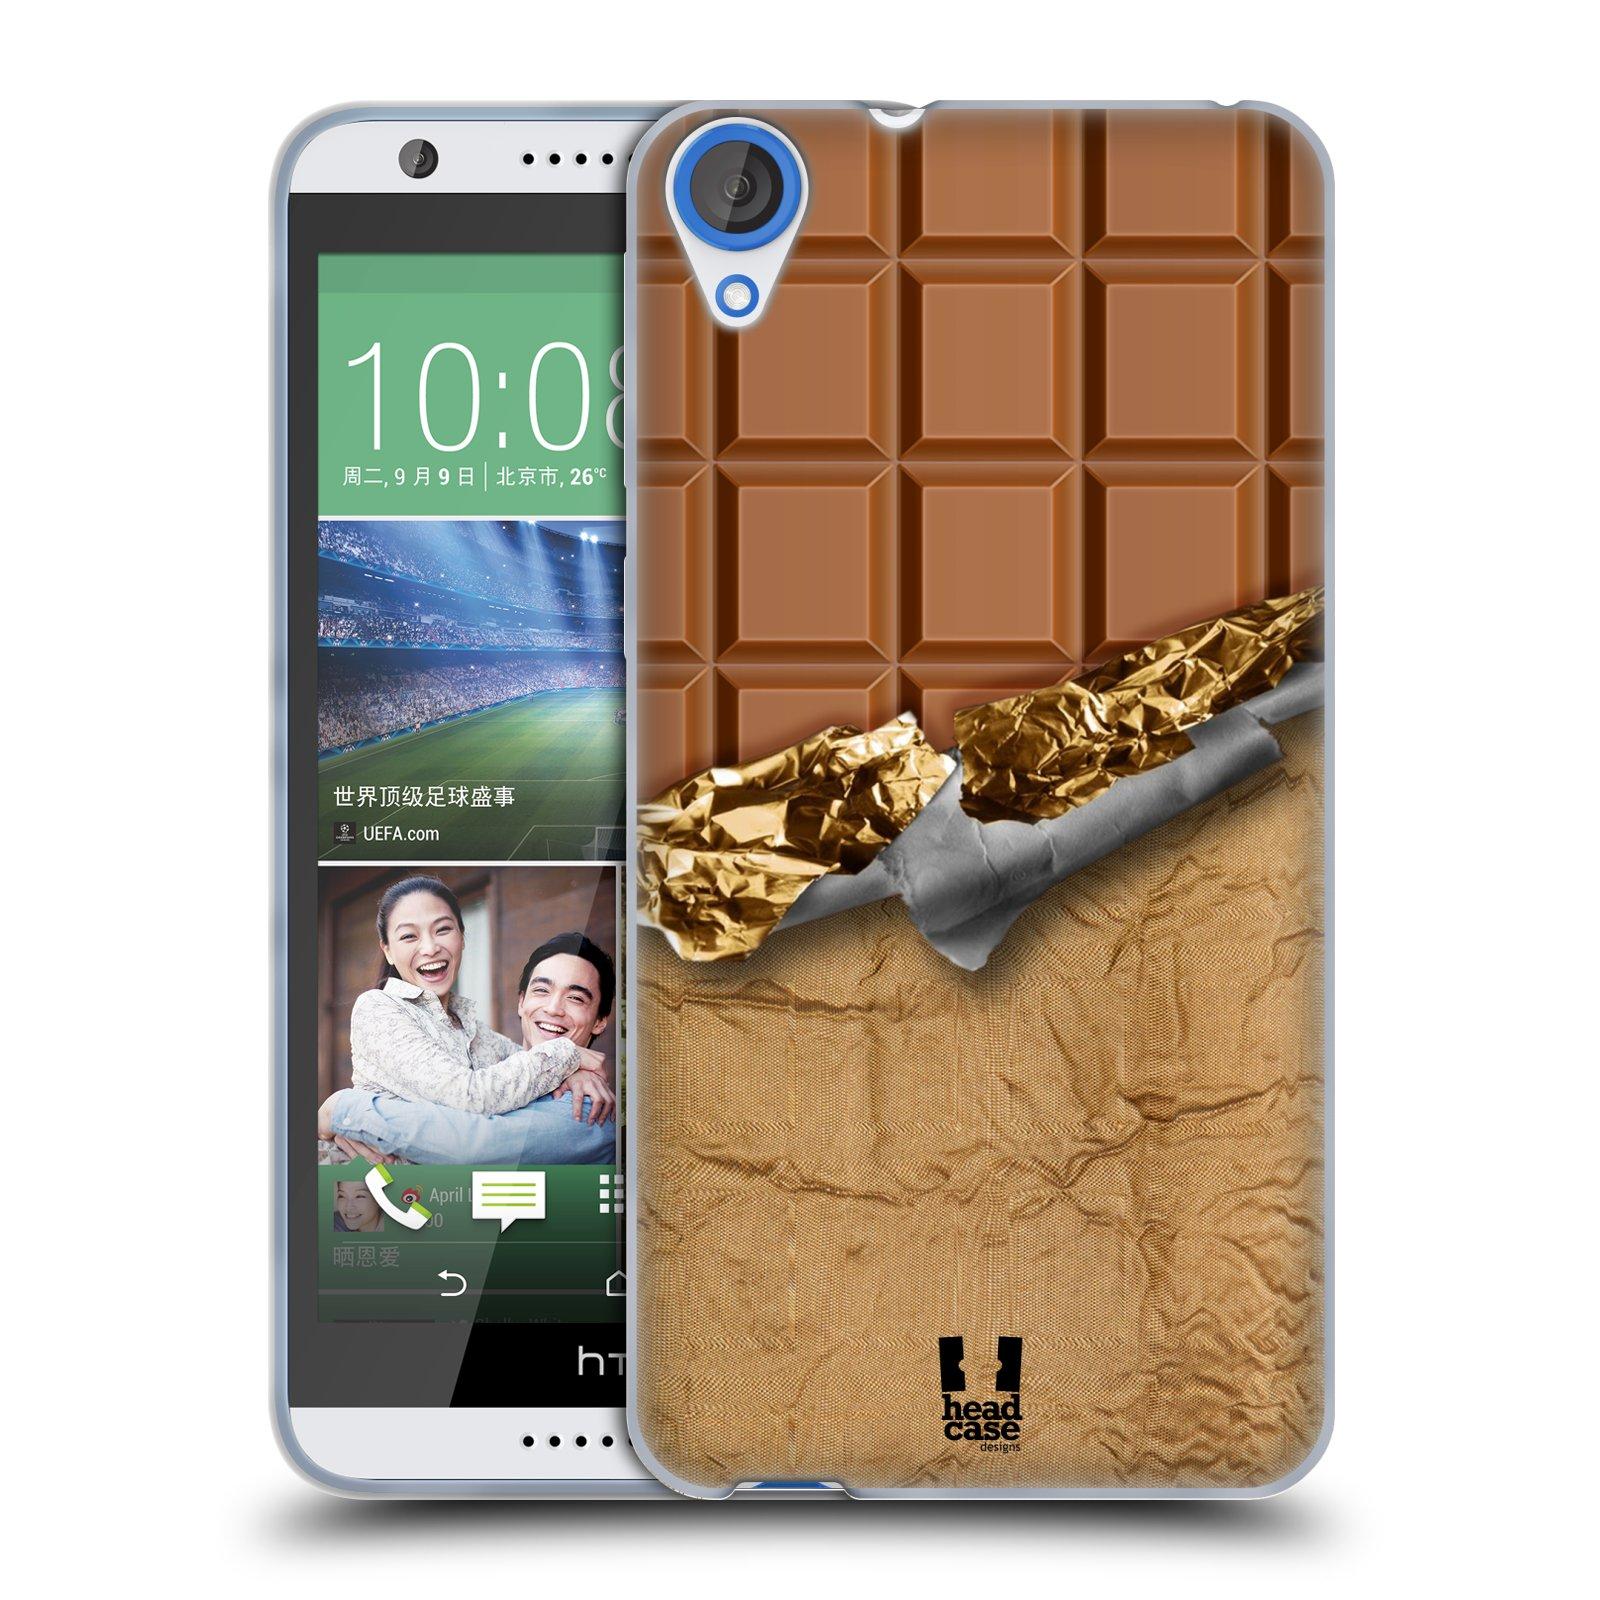 Silikonové pouzdro na mobil HTC Desire 820 HEAD CASE ČOKOFOILED (Silikonový kryt či obal na mobilní telefon HTC Desire 820)